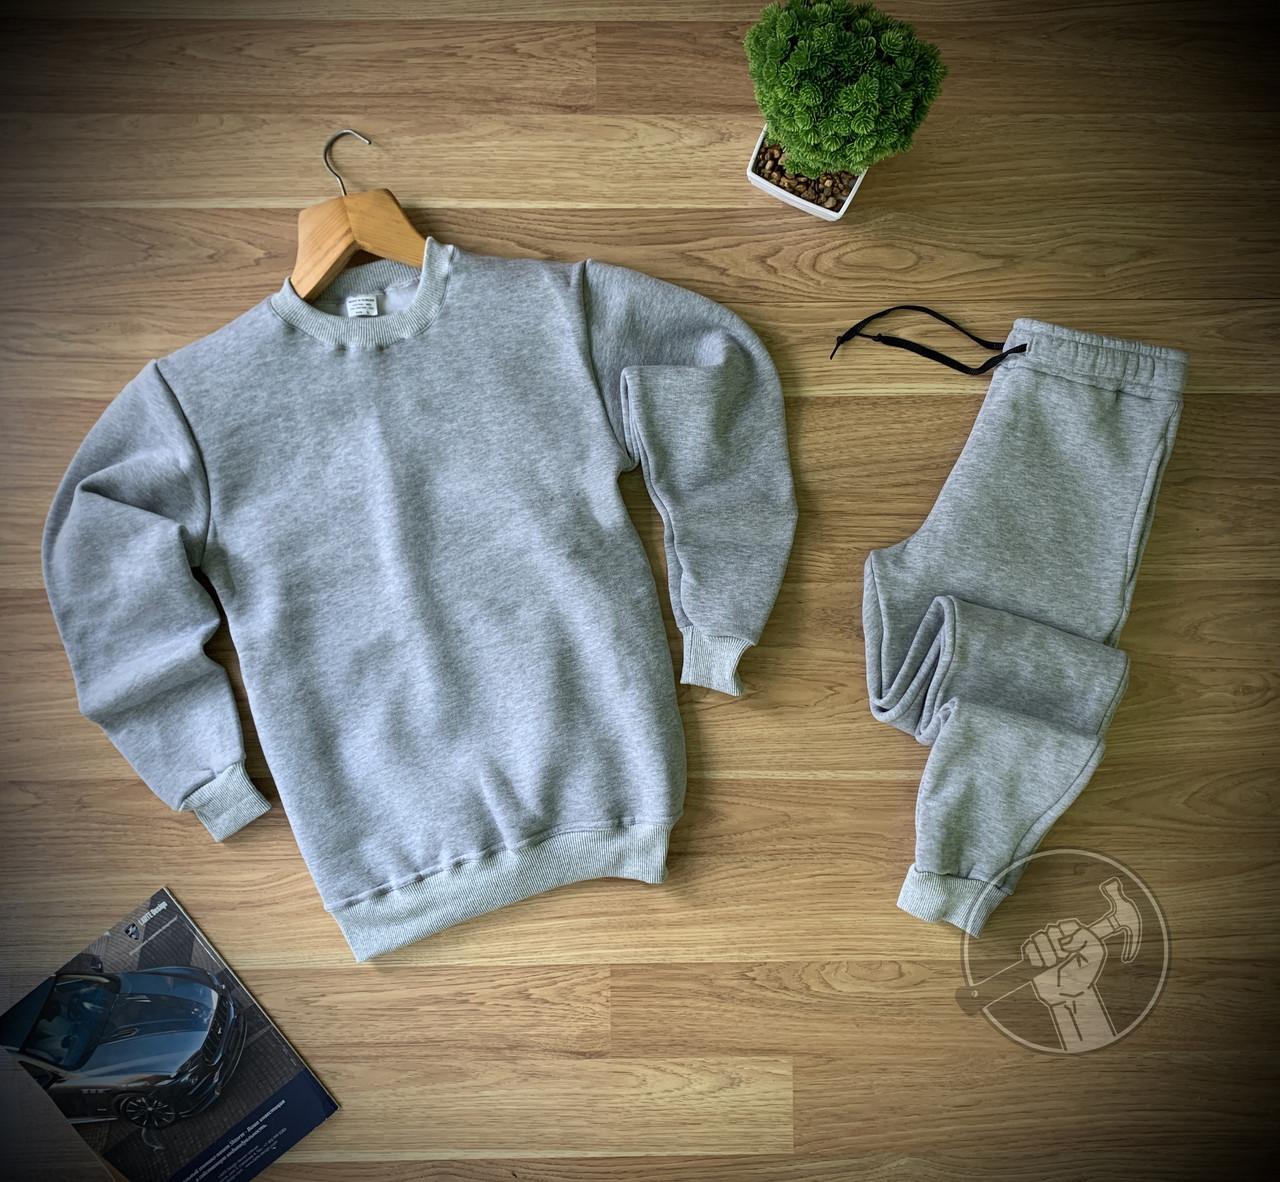 Спортивный костюм мужской серый теплый Baza | Худи + штаны классика ЛЮКС качества